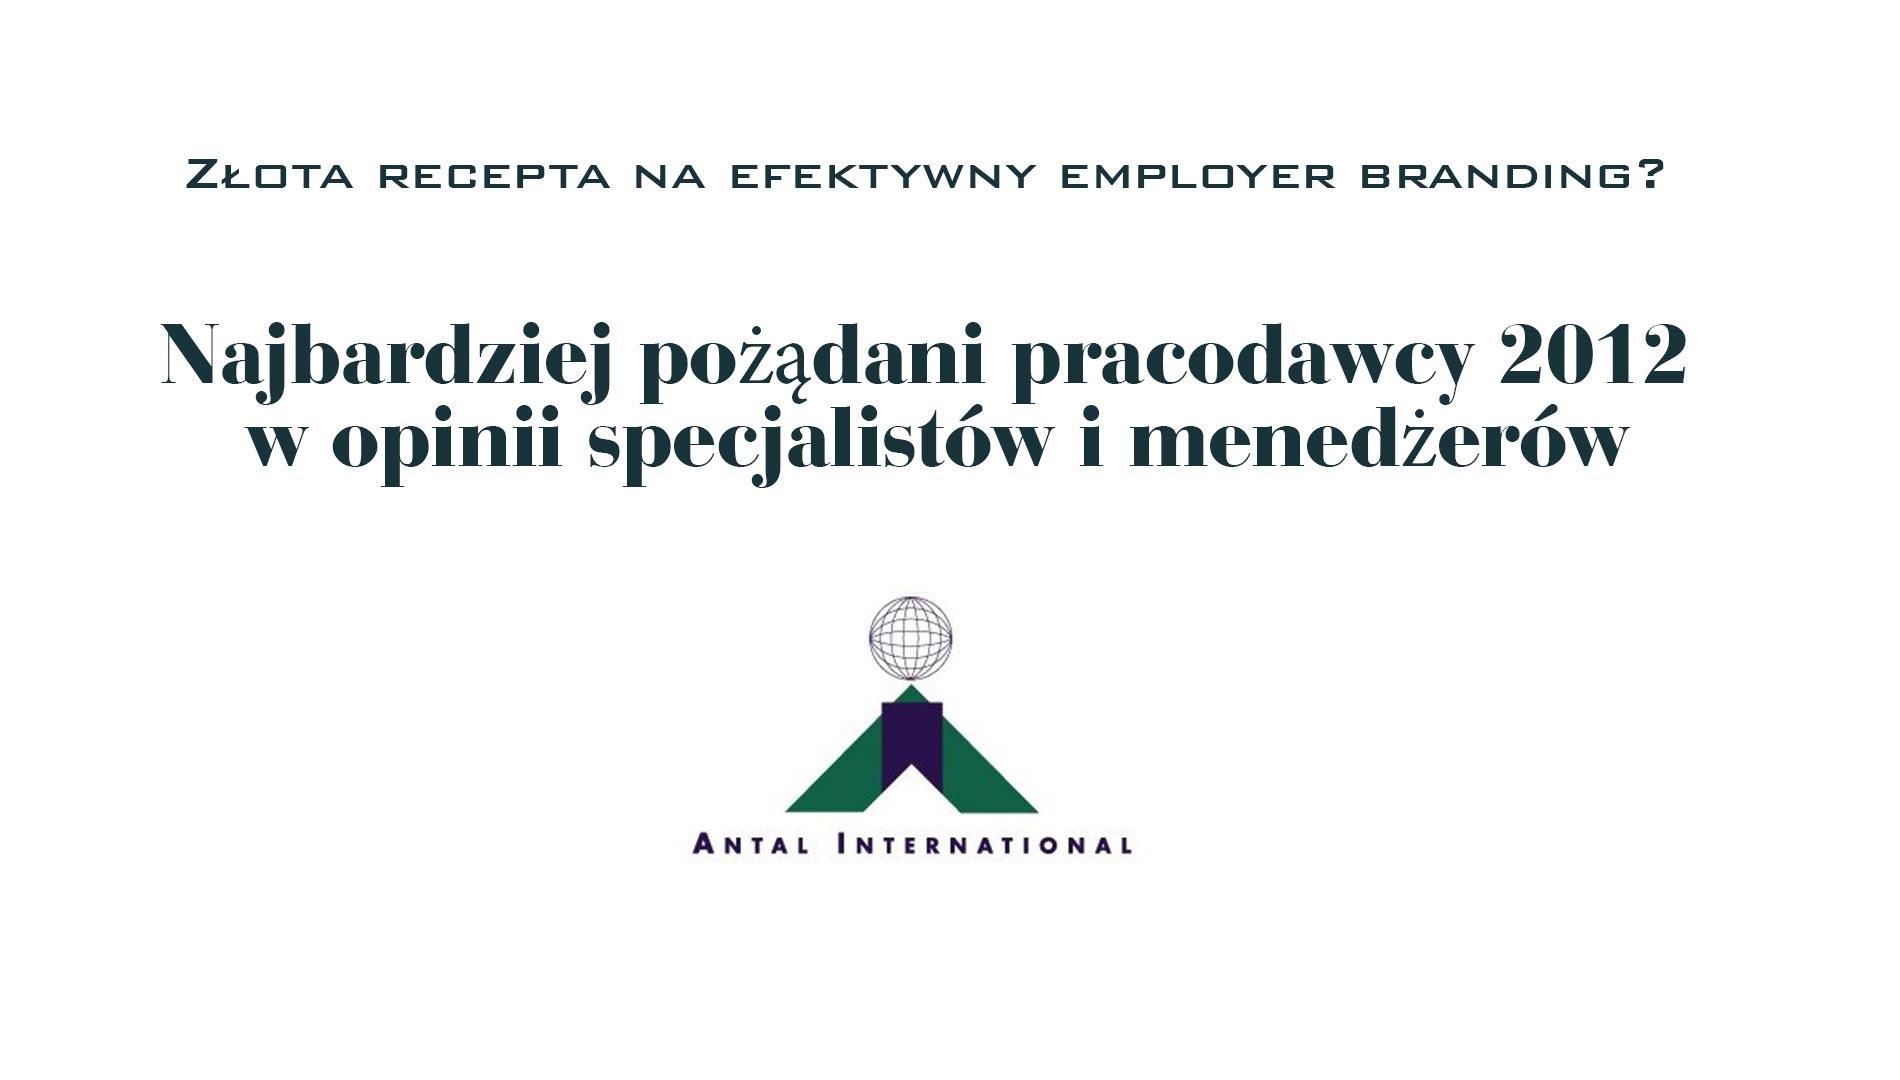 Najbardziej pożądani pracodawcy 2012 w opinii specjalistów i menedżerów